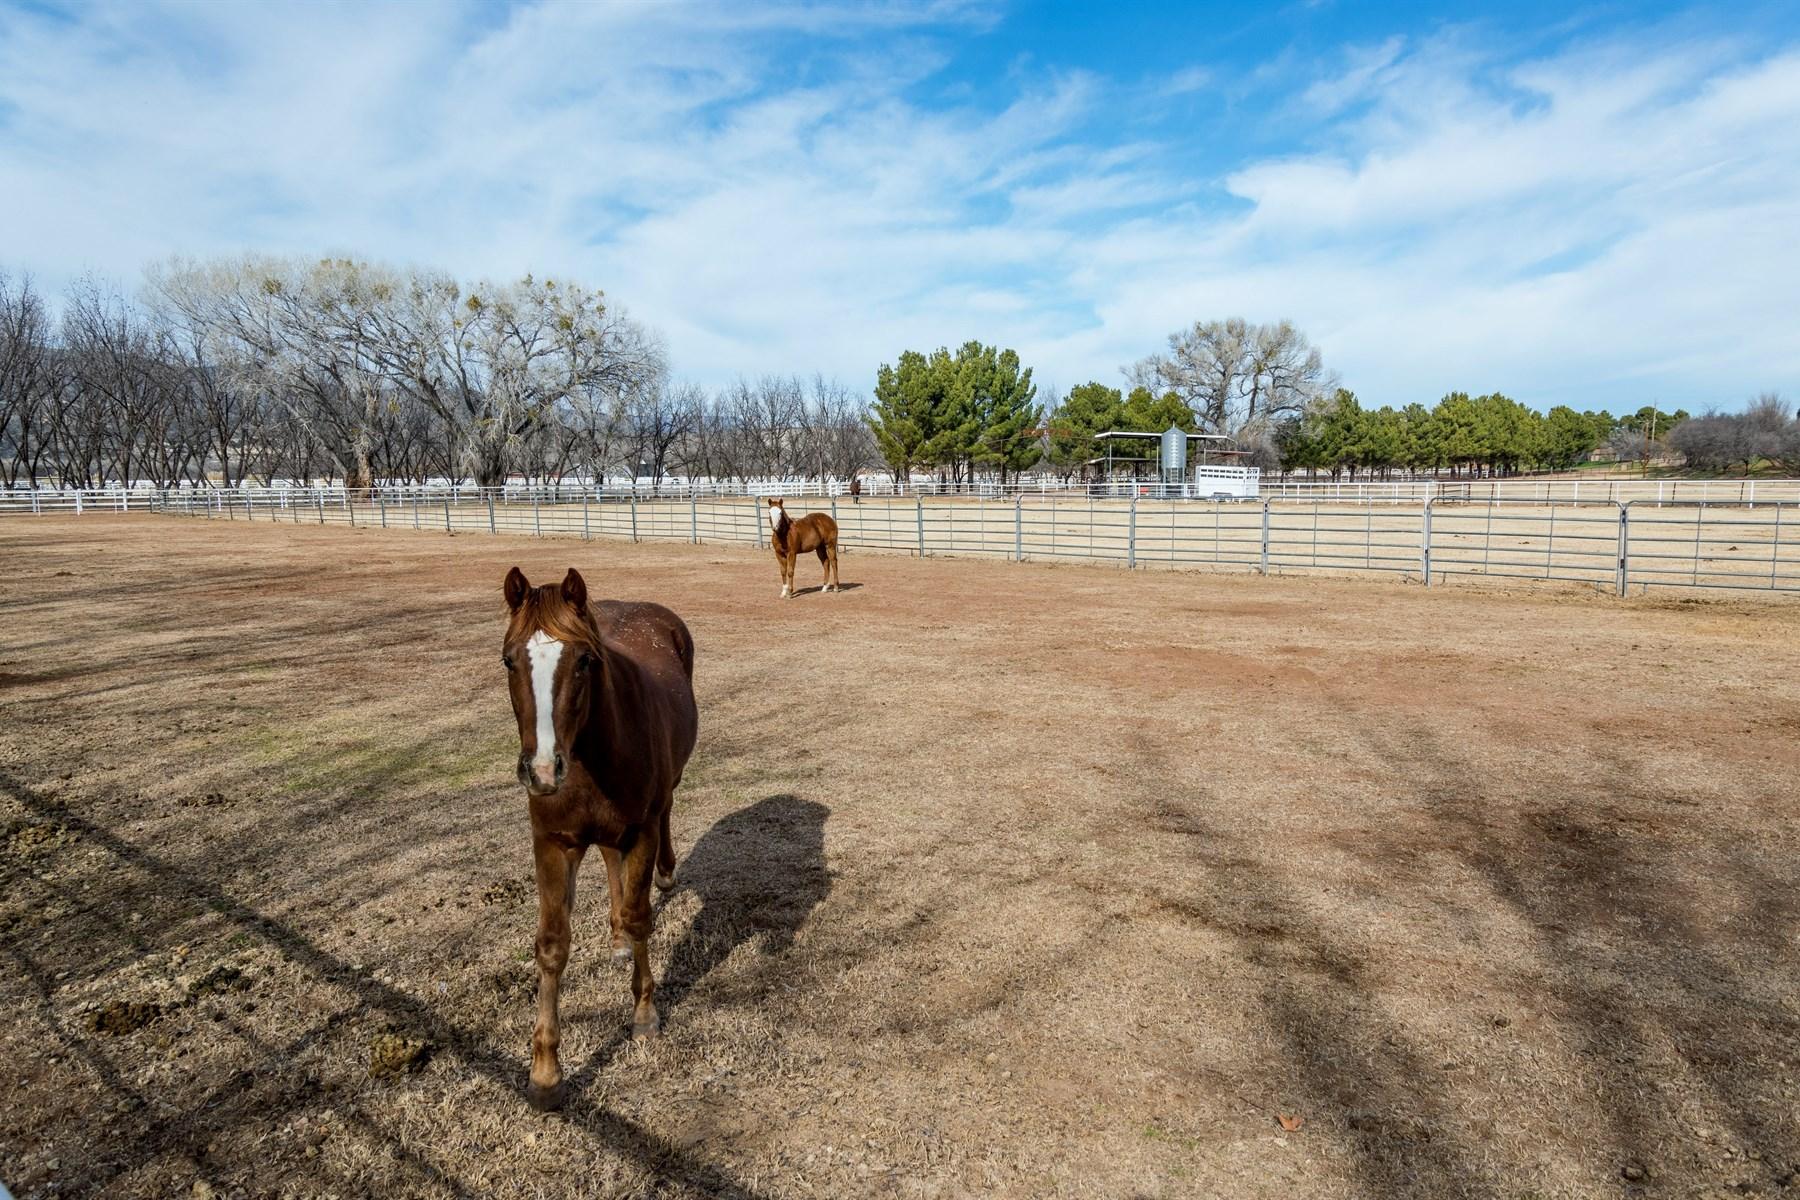 Moradia para Venda às True equestrian estate with a 21.22 acre residence 173 W Grippen Rd Camp Verde, Arizona, 86322 Estados Unidos